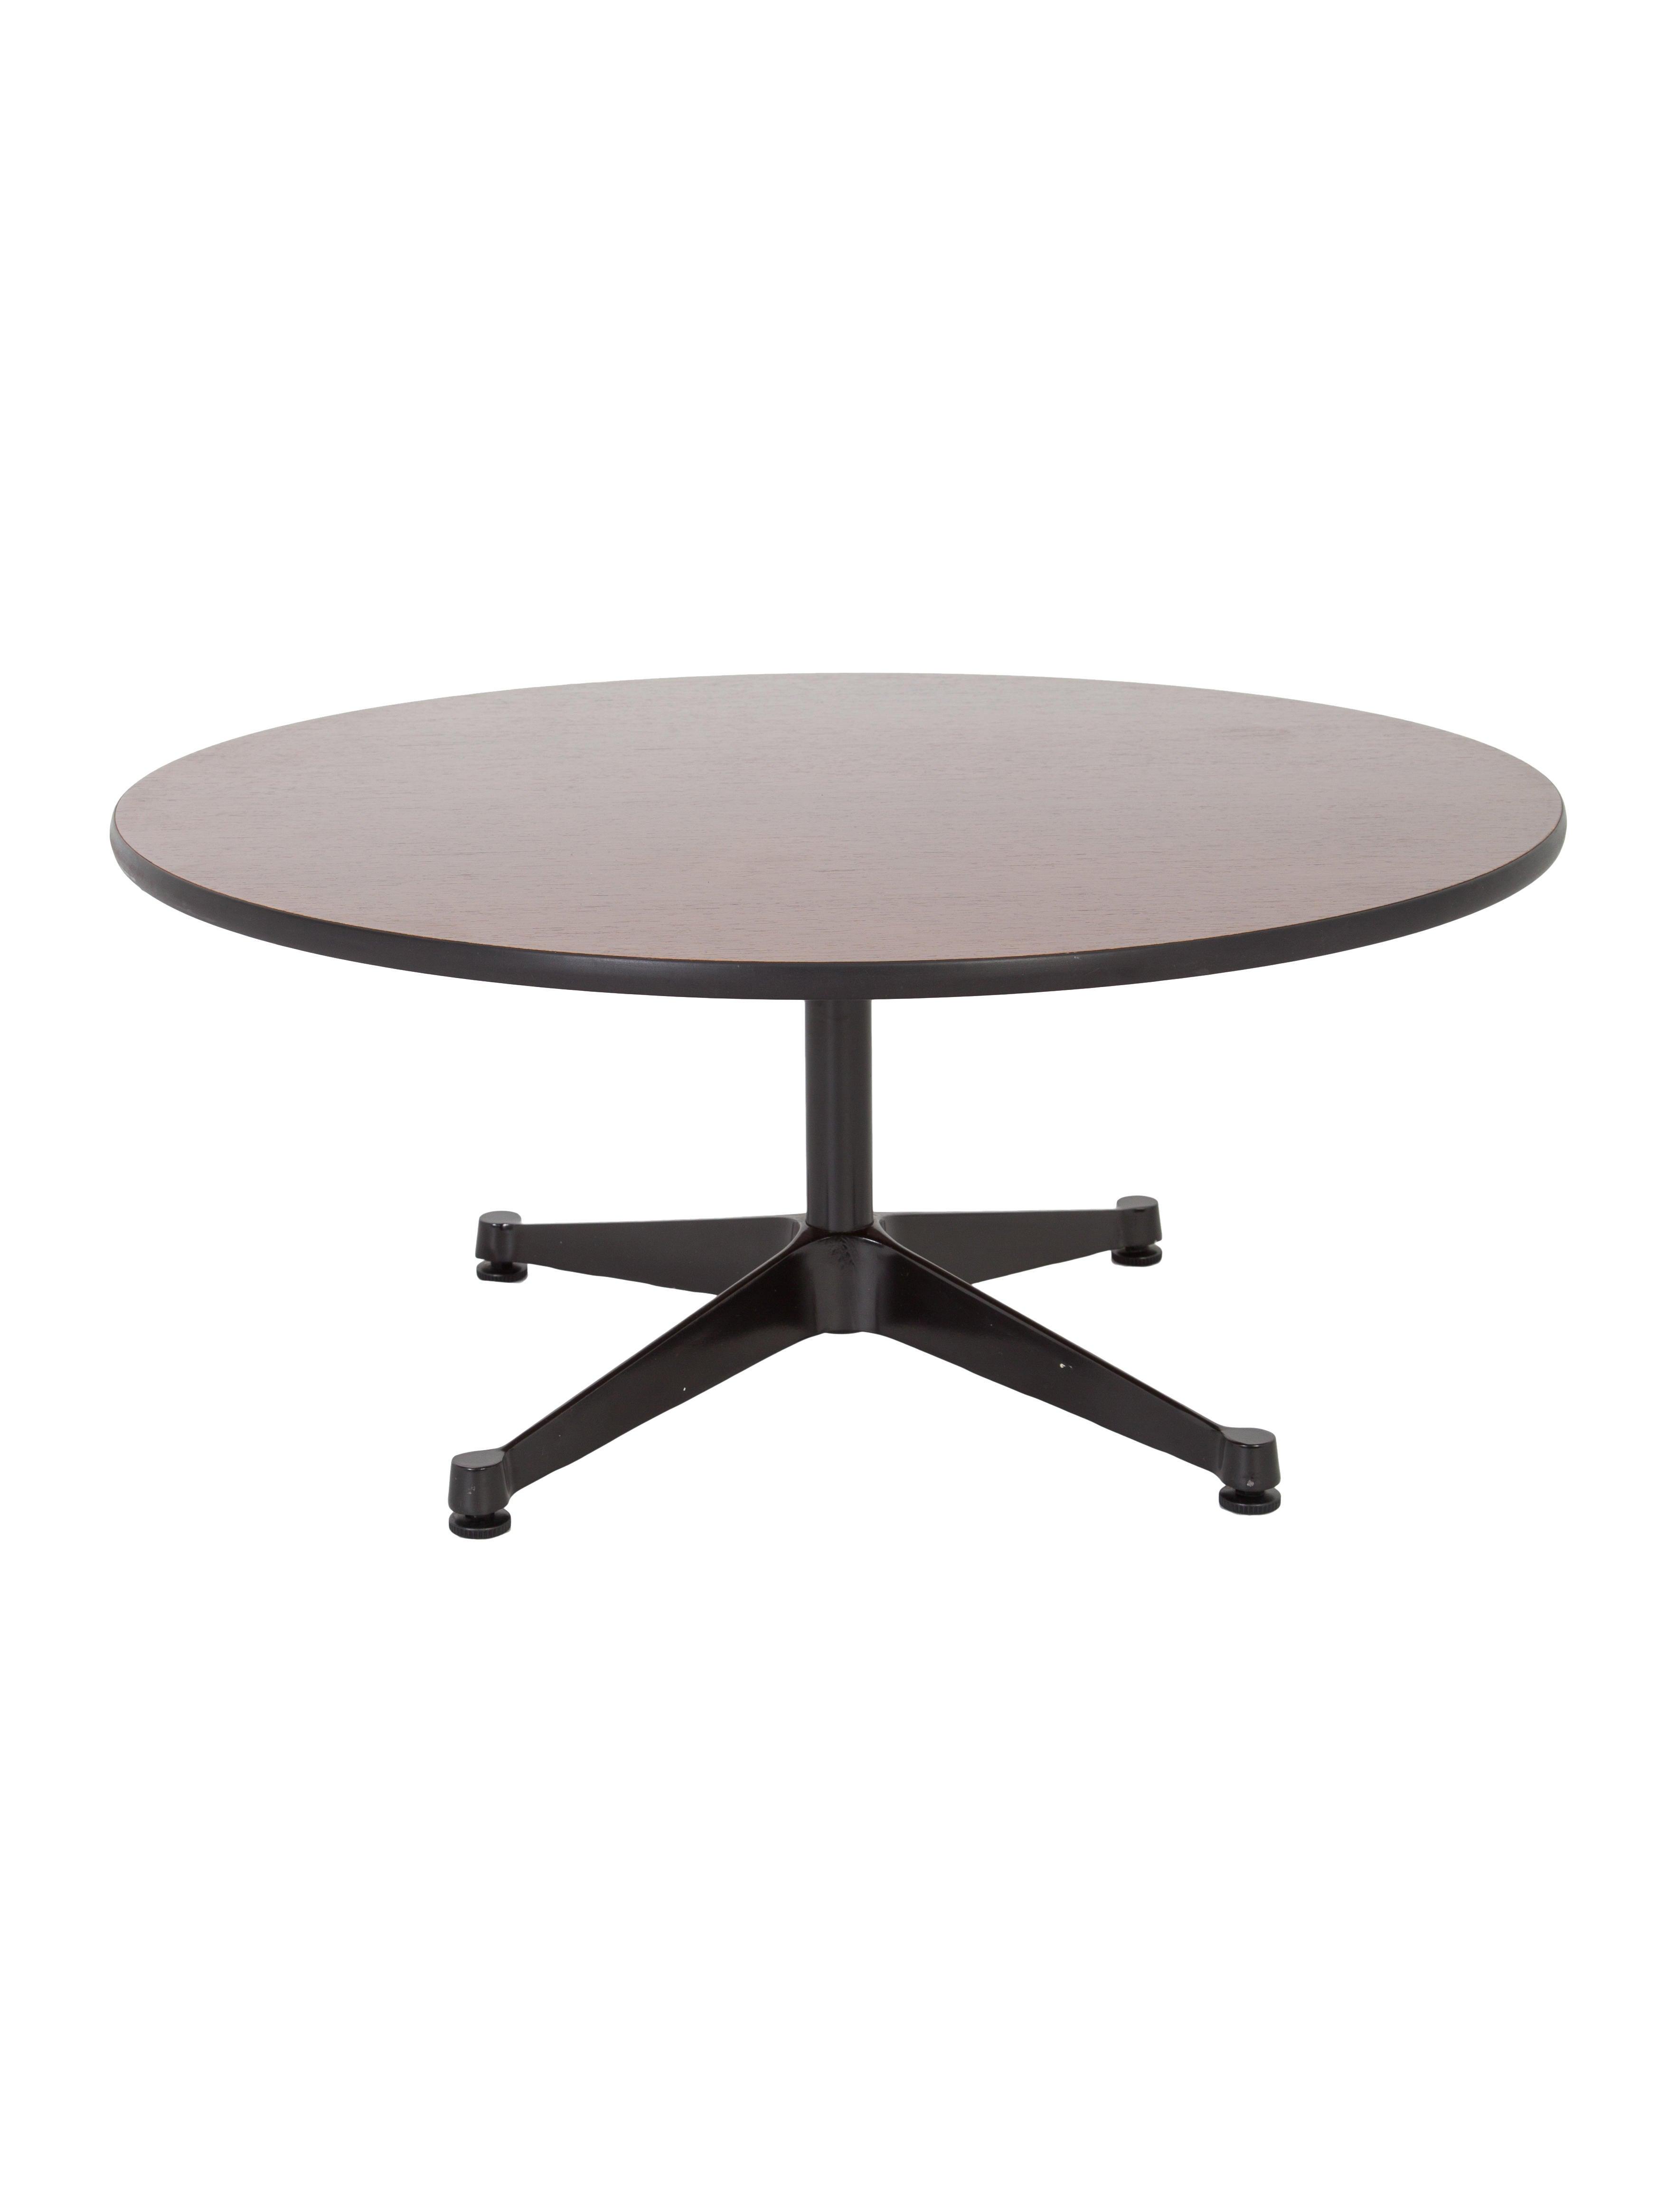 Herman Miller Eames Coffee Table Furniture Hrmil20057